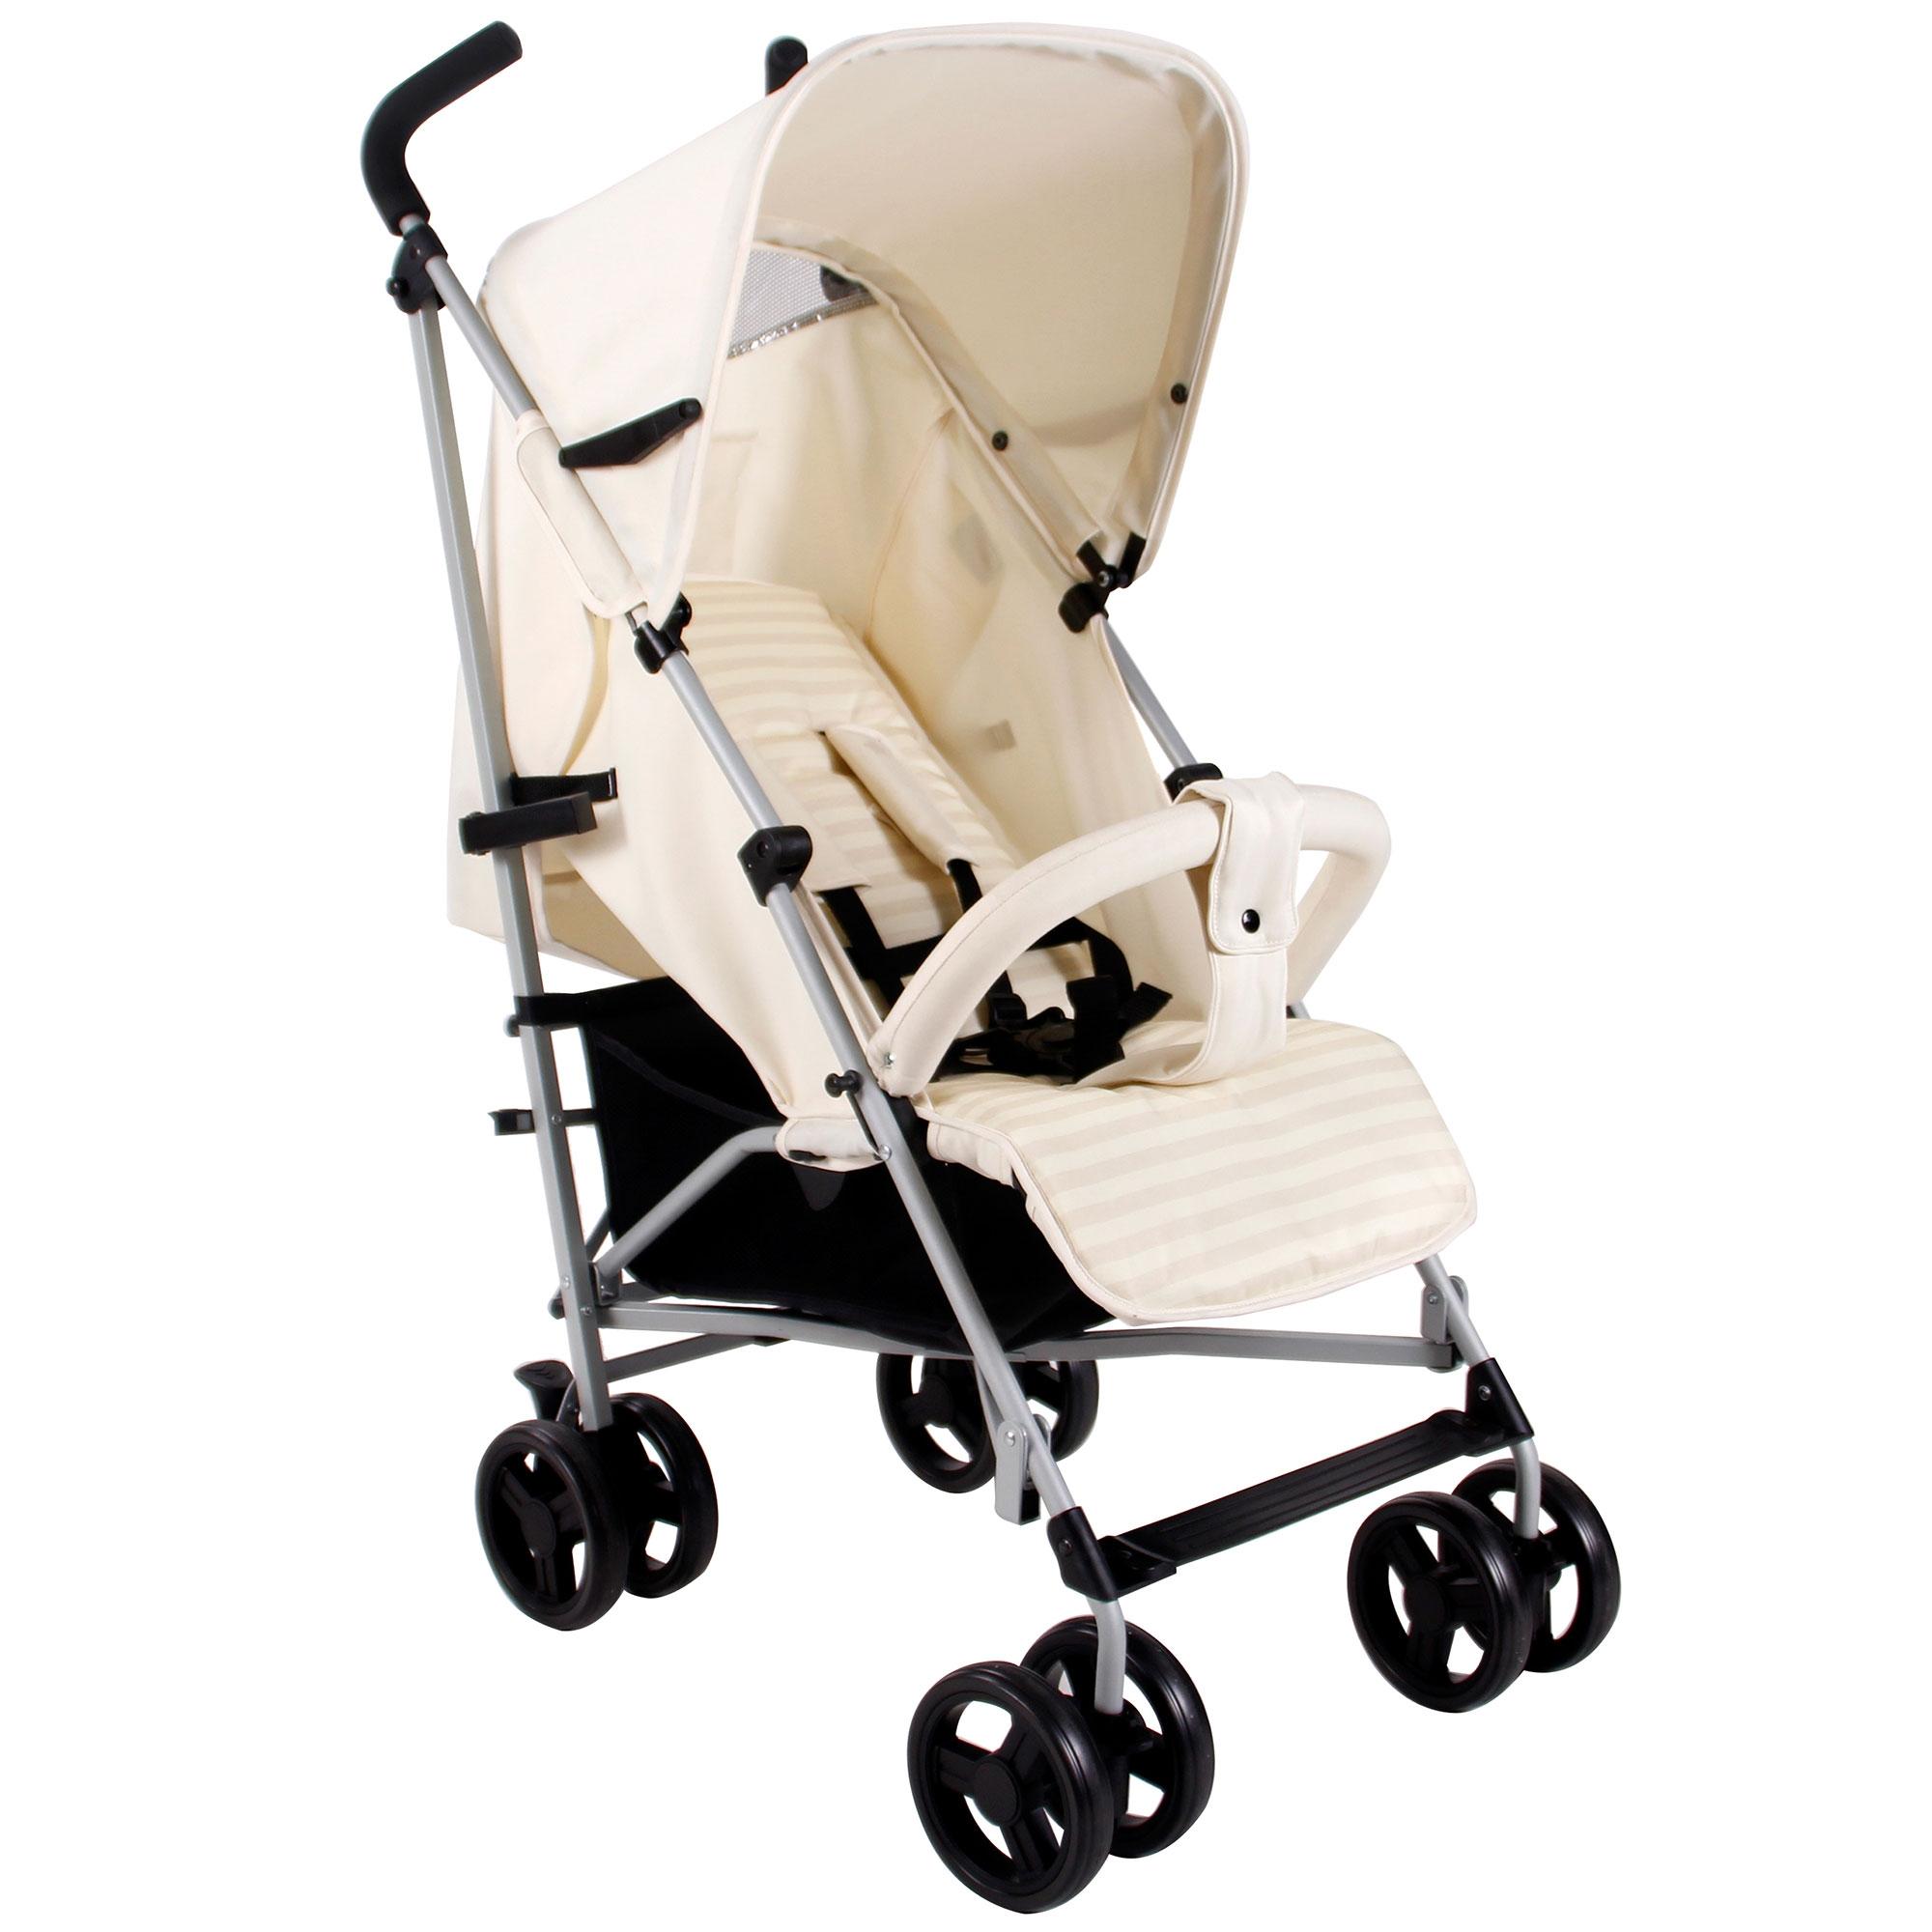 My Babiie Baby Pram Cream Pushchair Parasol Child Stroller